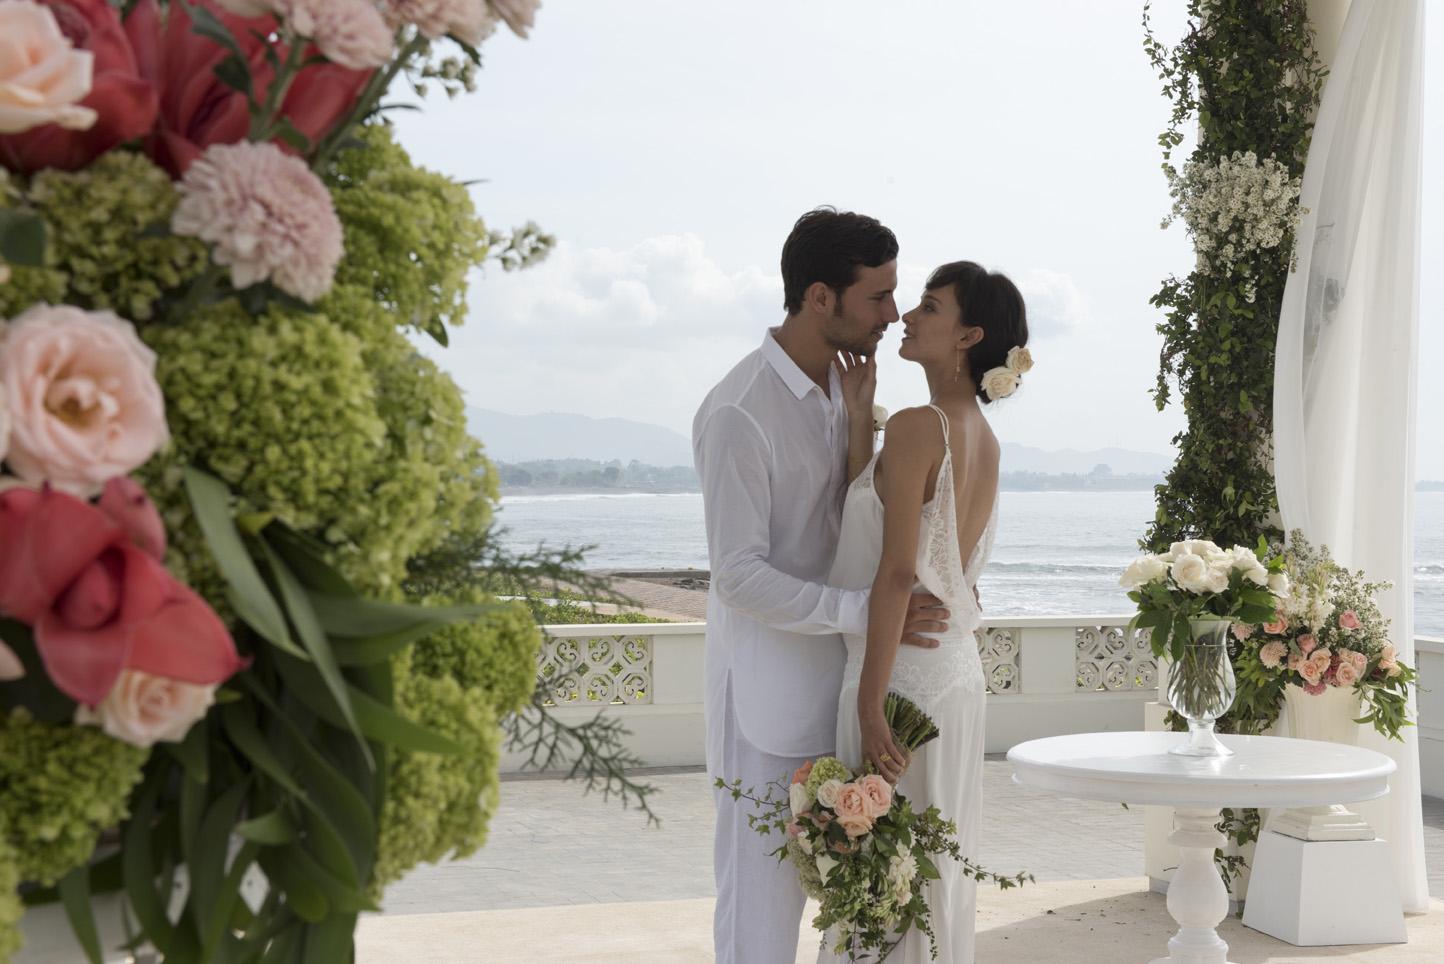 Paket Pernikahan Bali yang Mewah dan Elegan di Rumah Luwih Gianyar Bali